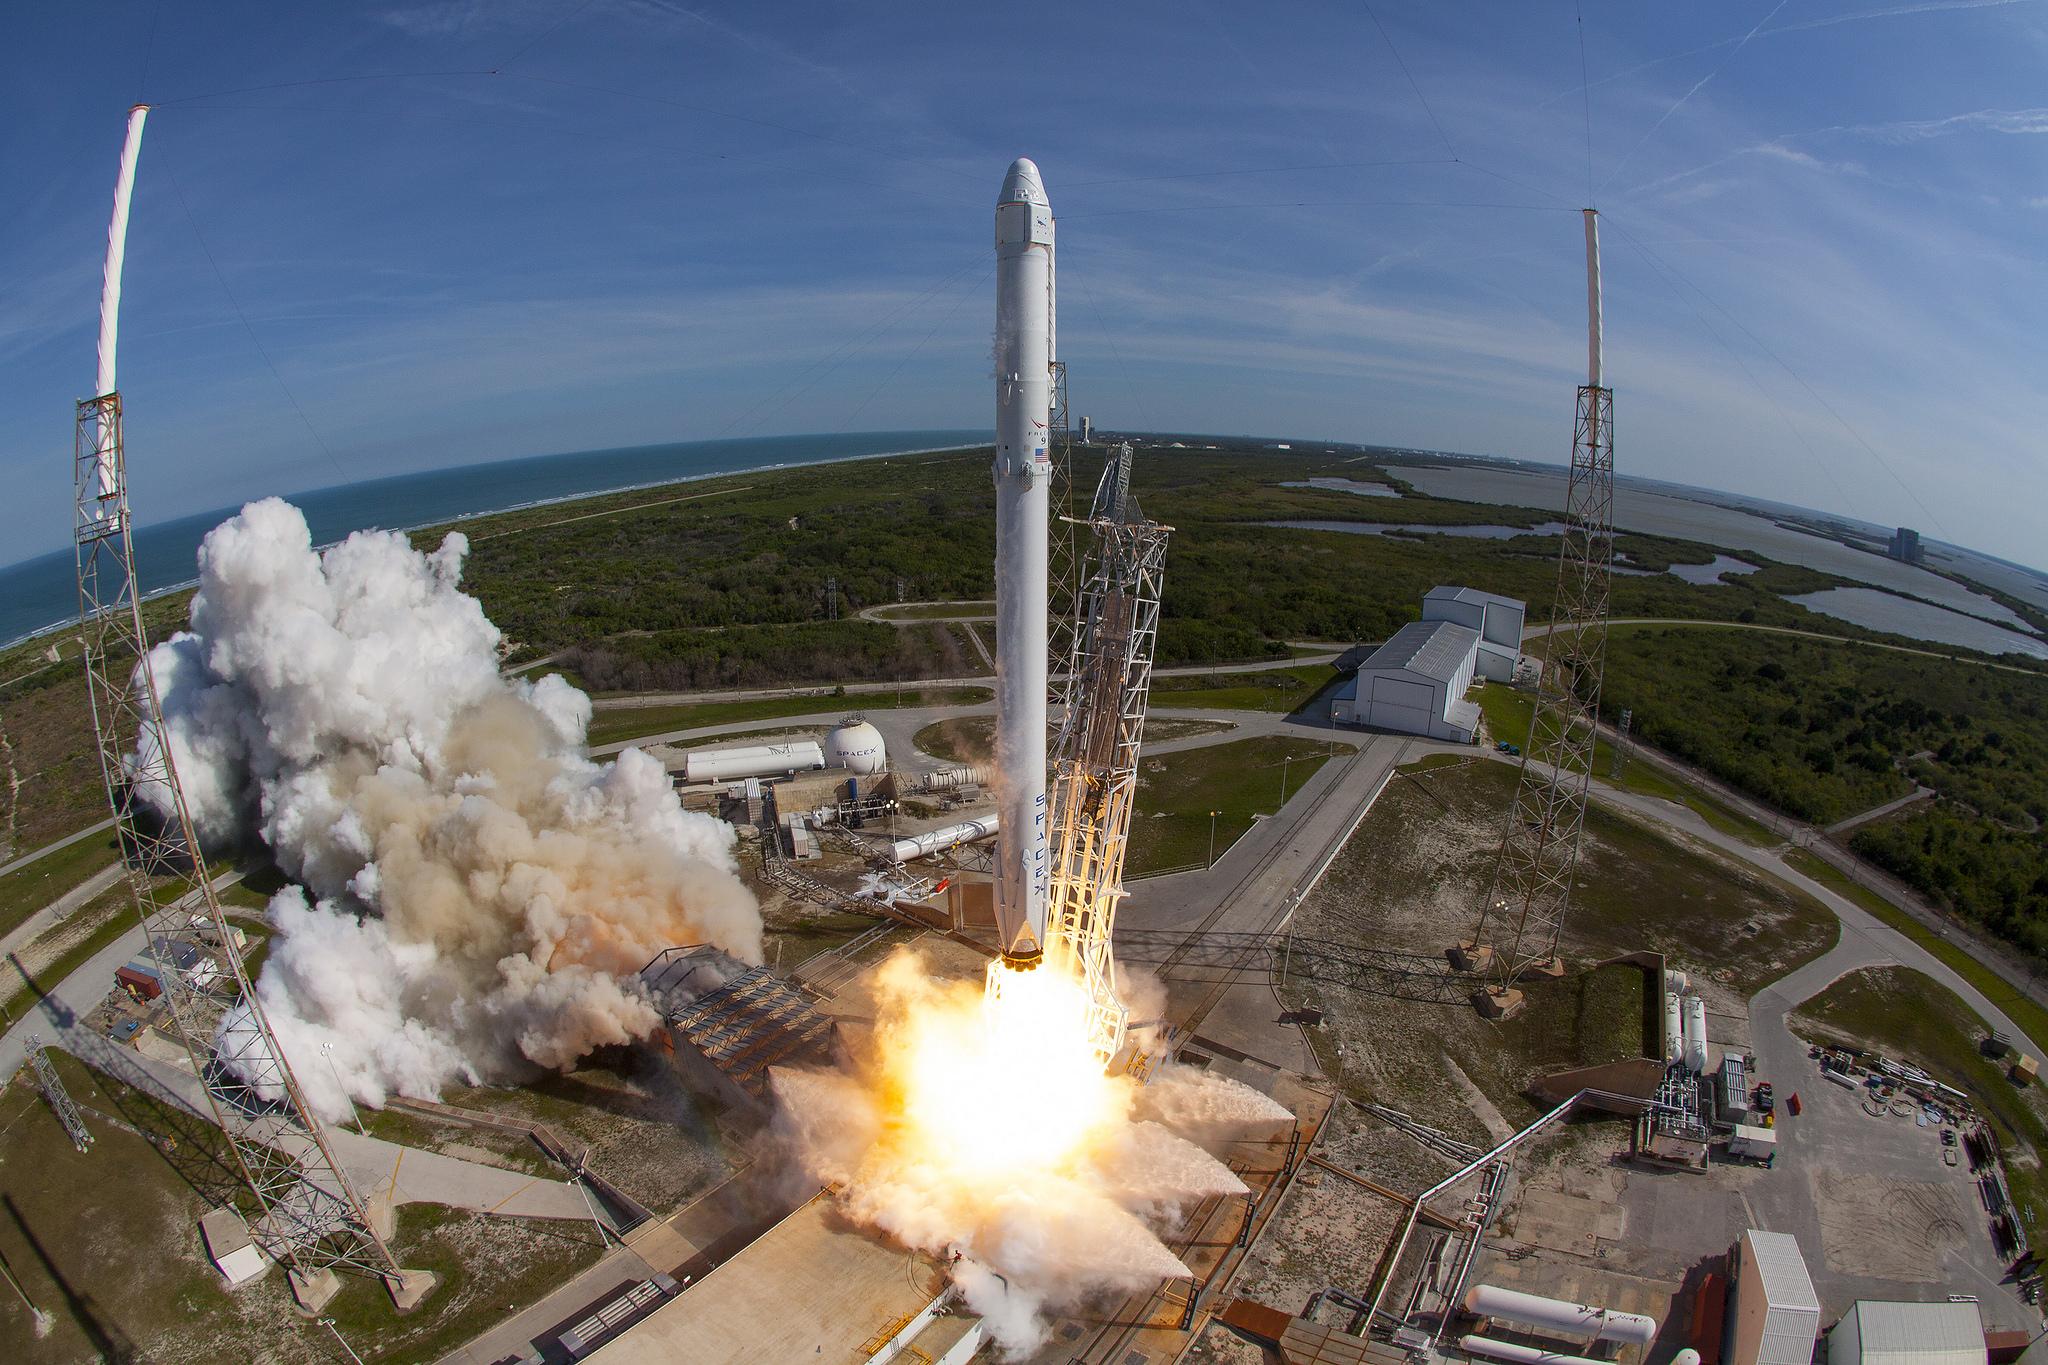 El cohete Falcon 9 empieza a despegar de la base